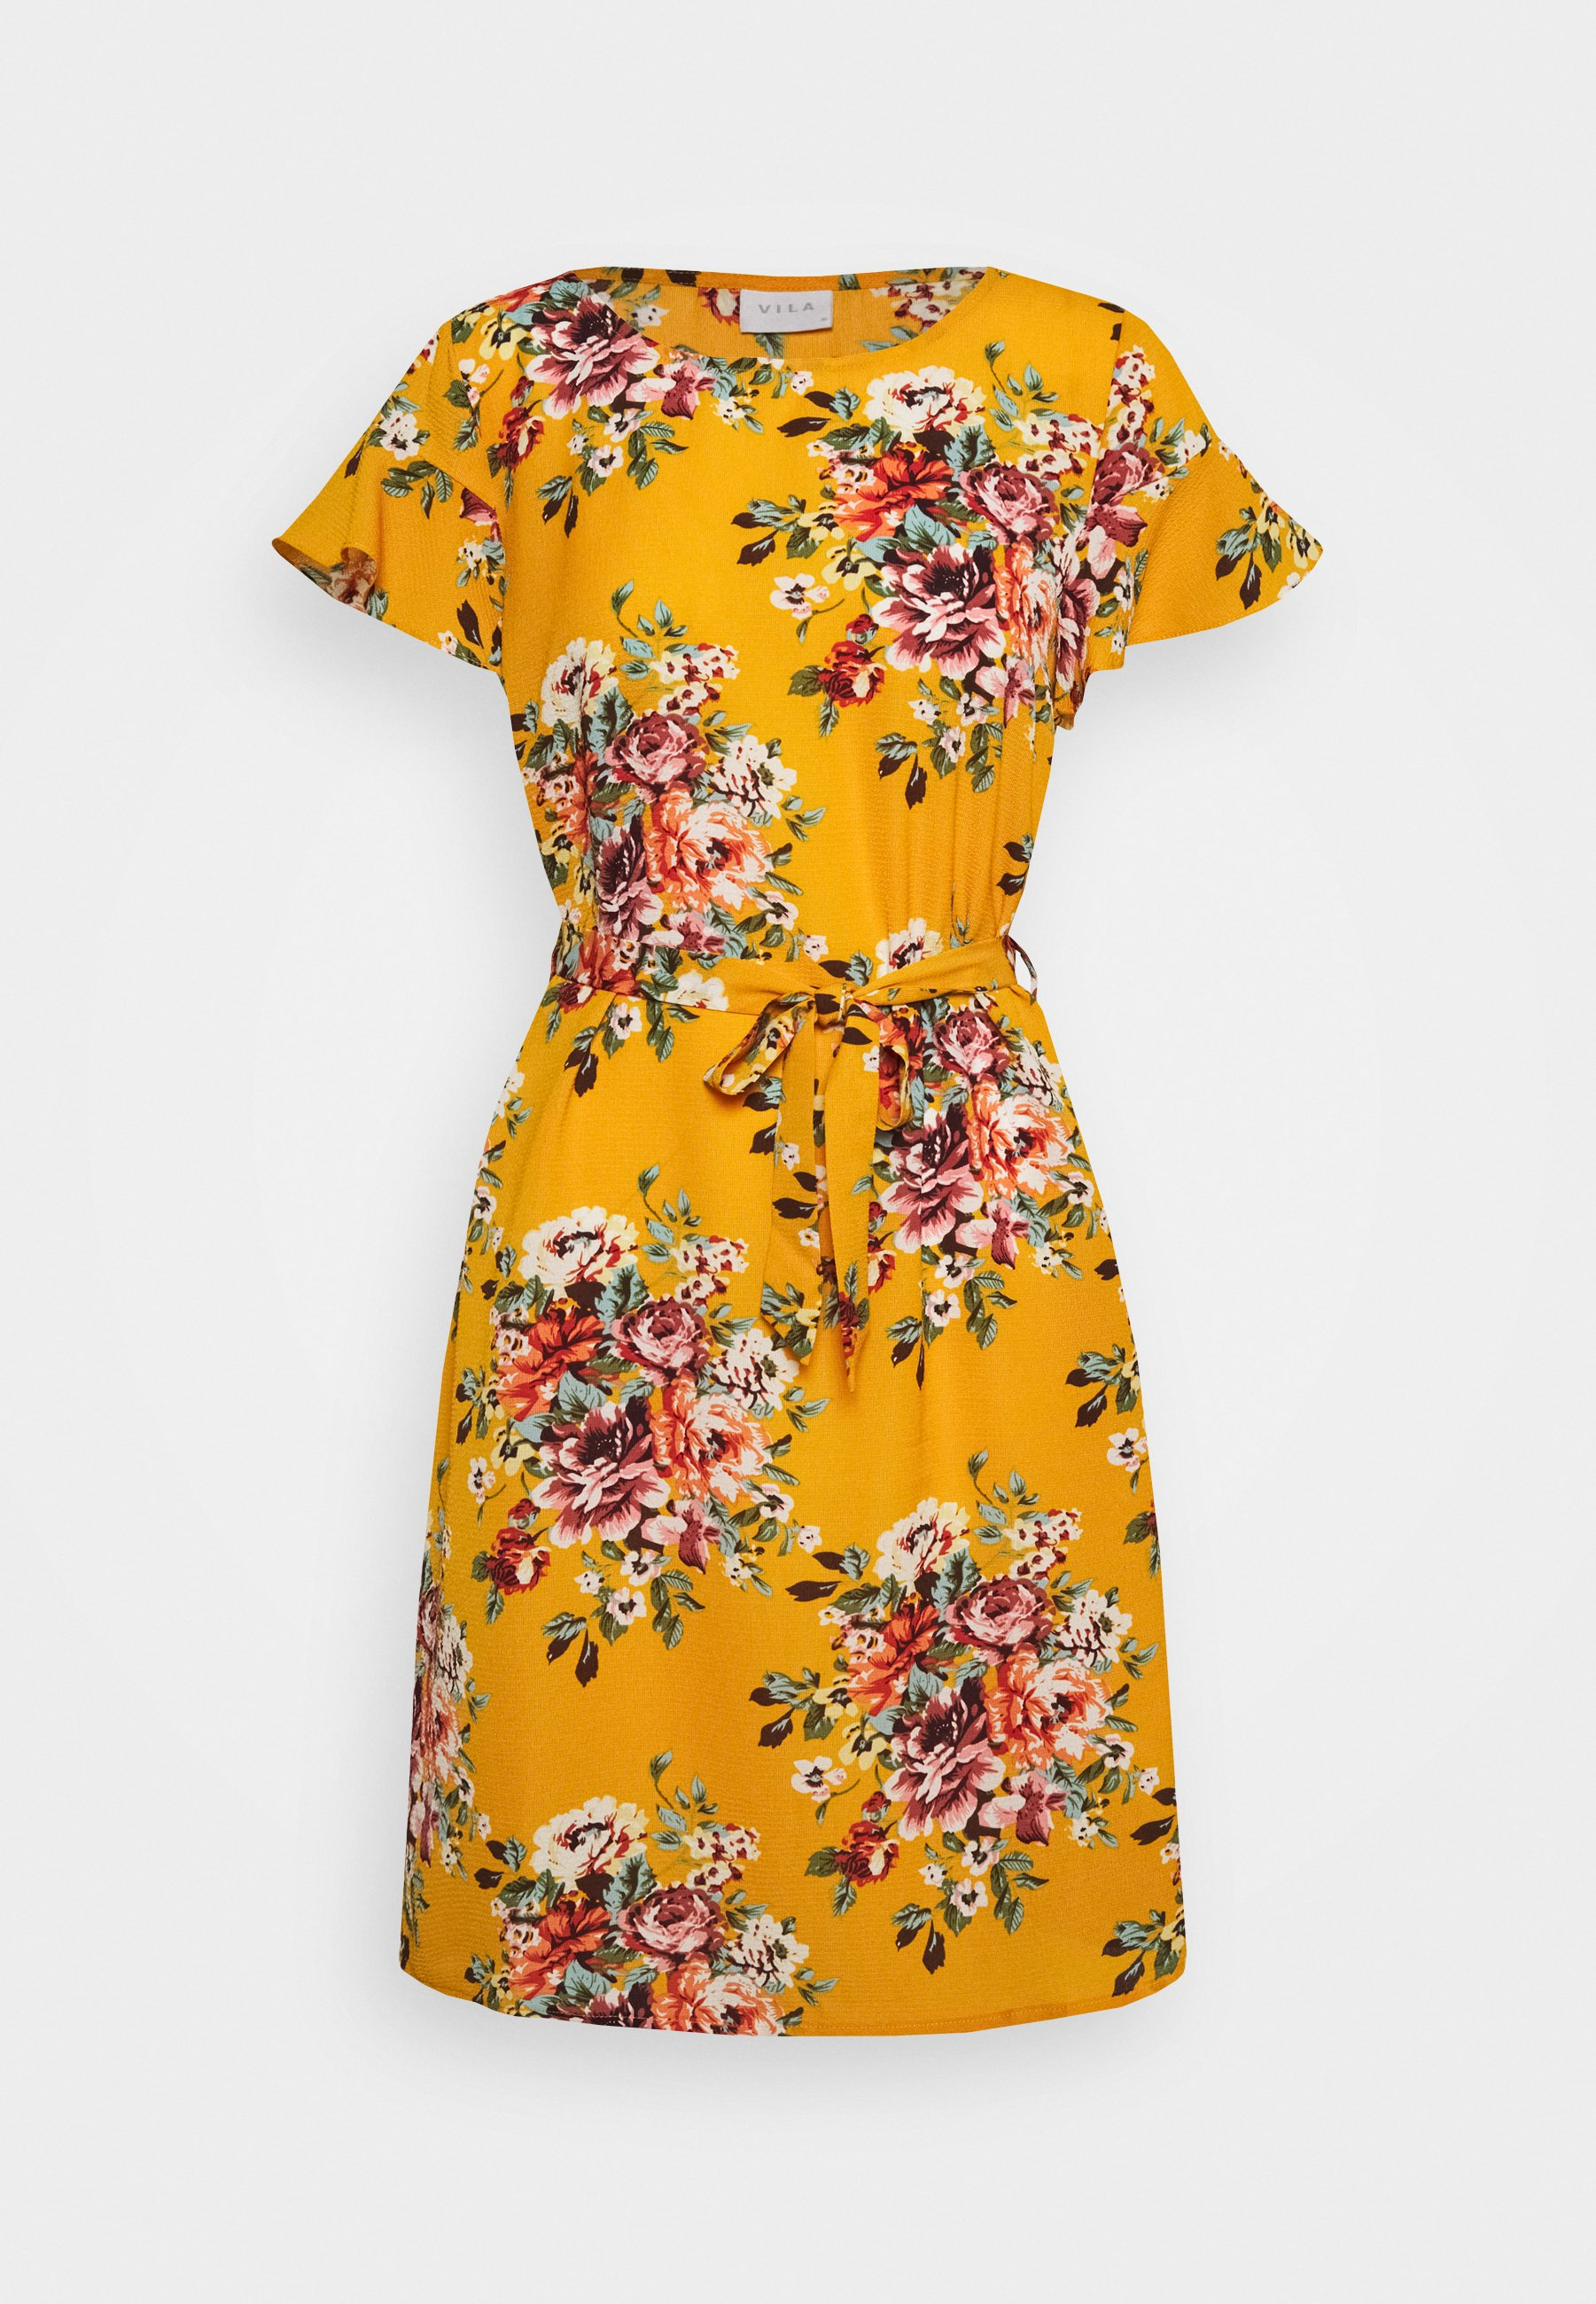 vidiana lucy flounce dress - freizeitkleid - mineral yellow